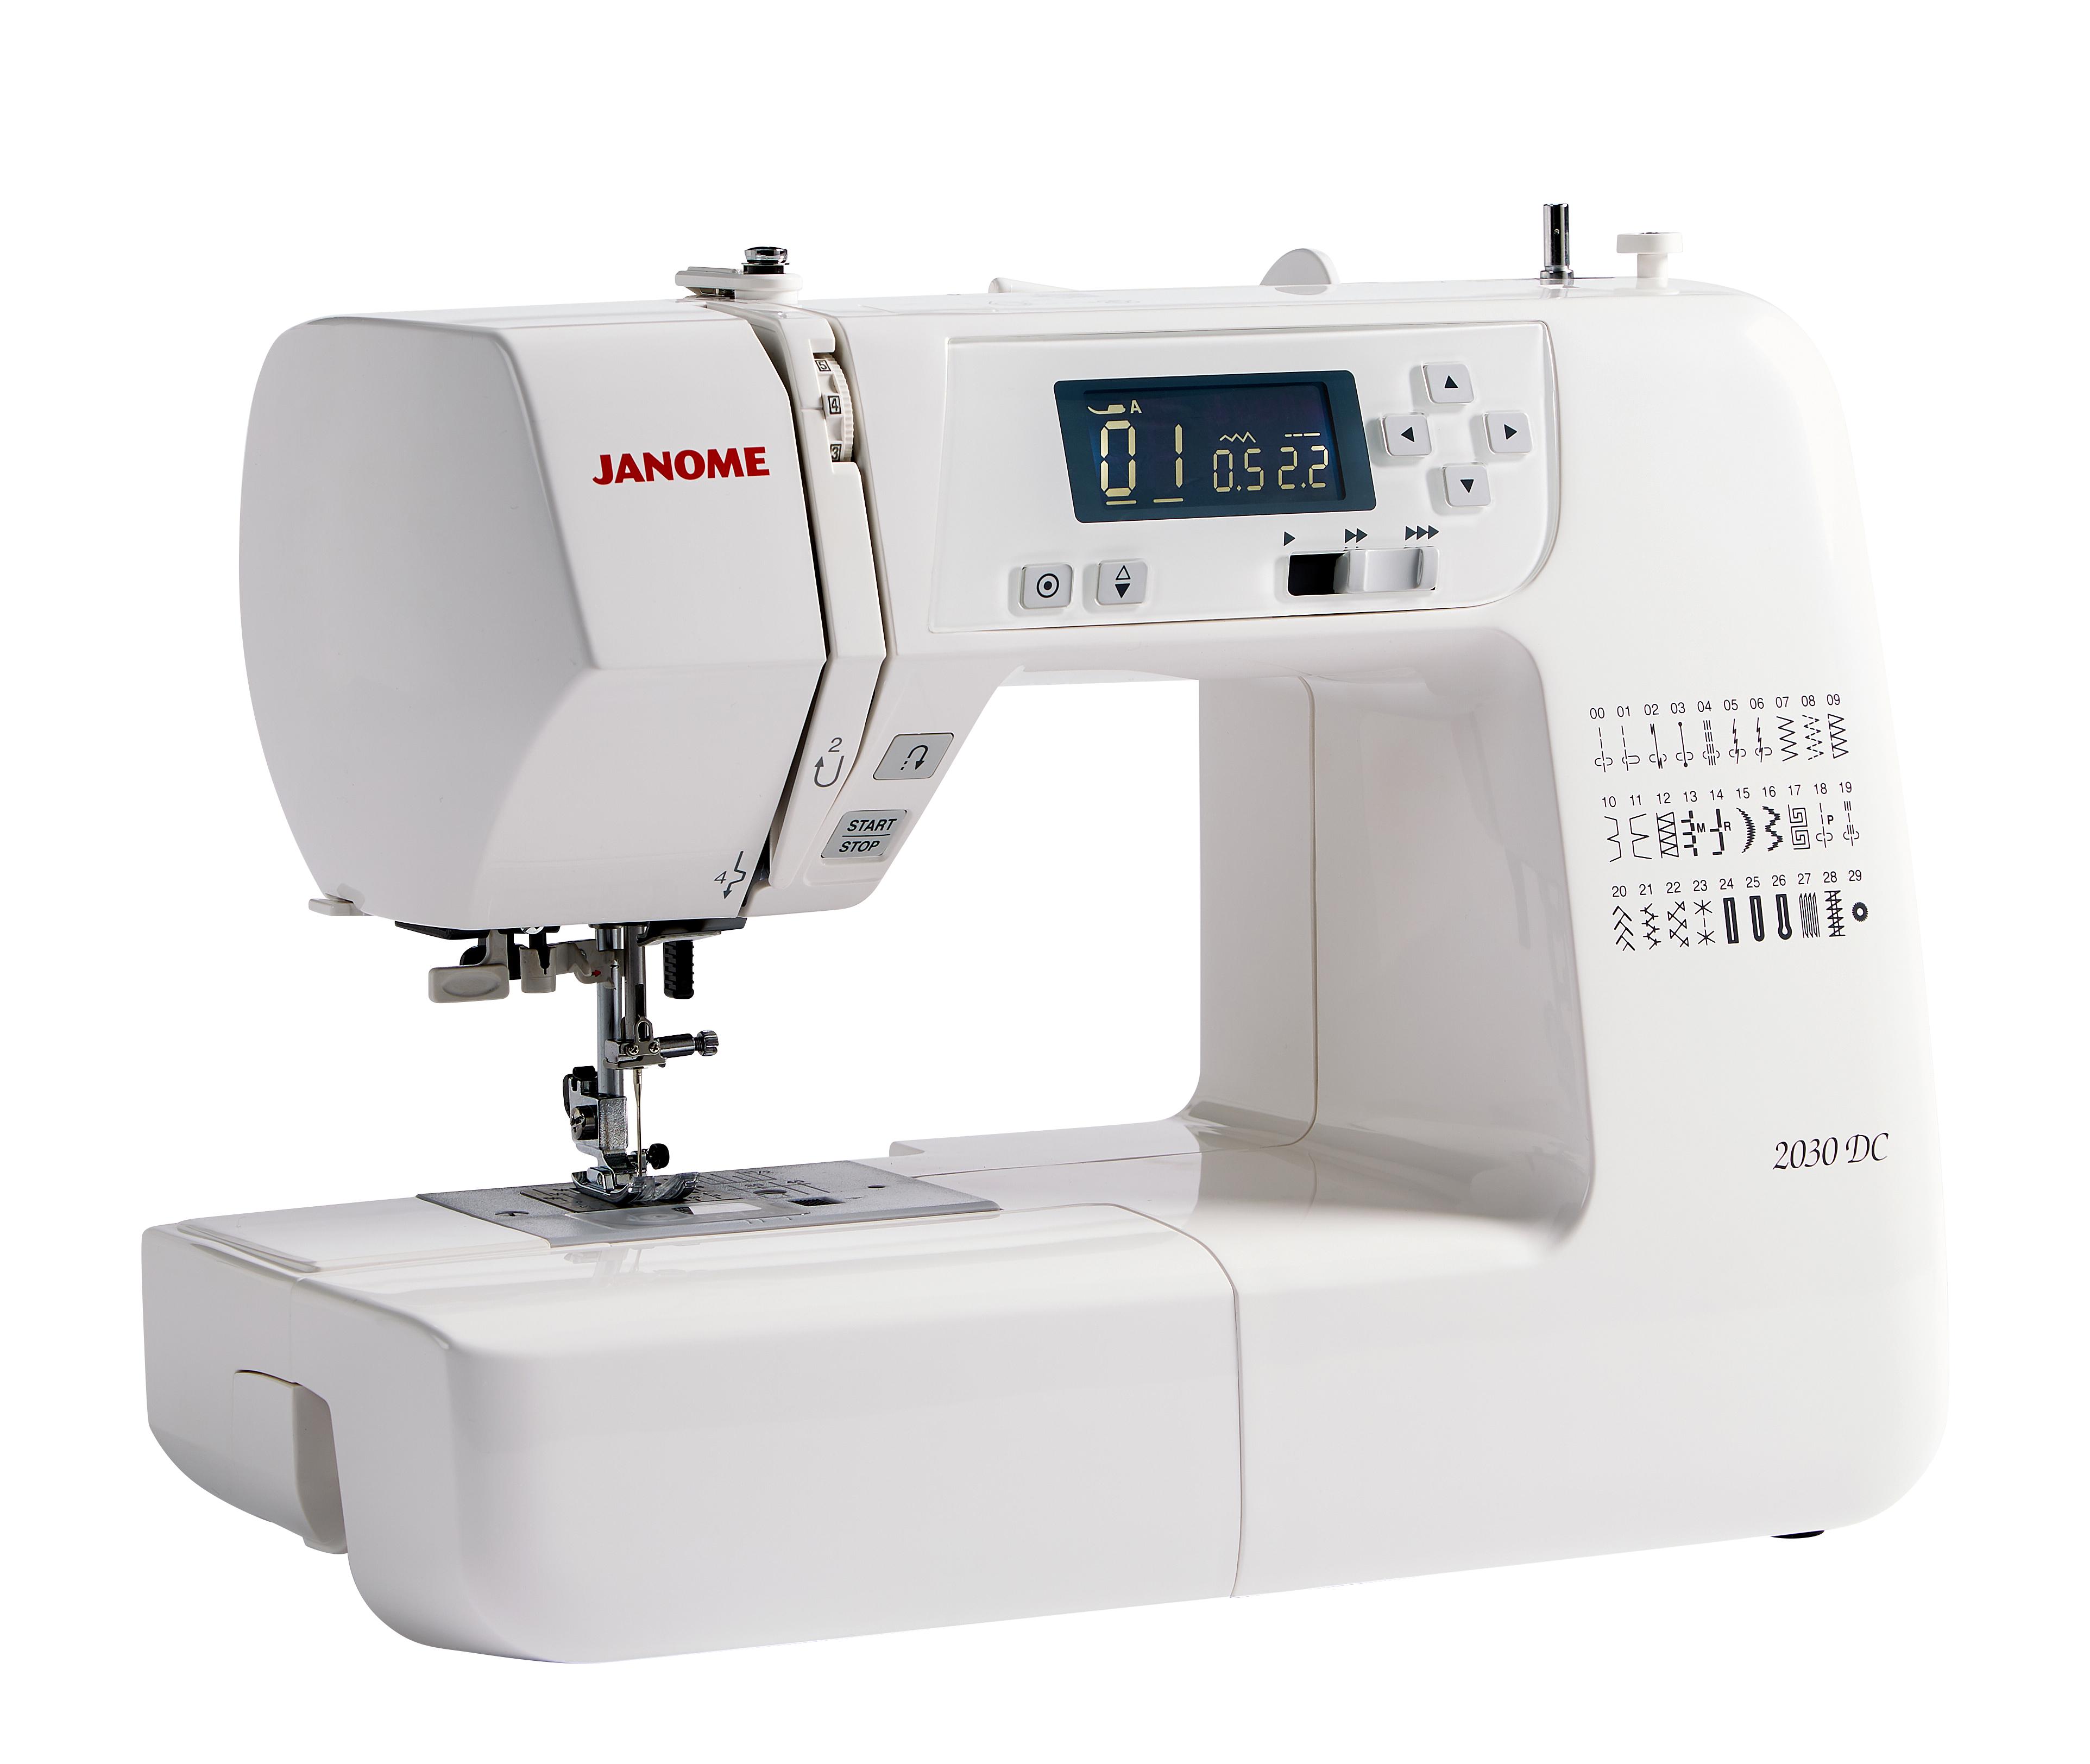 Janome 2030DC Sewing Machine